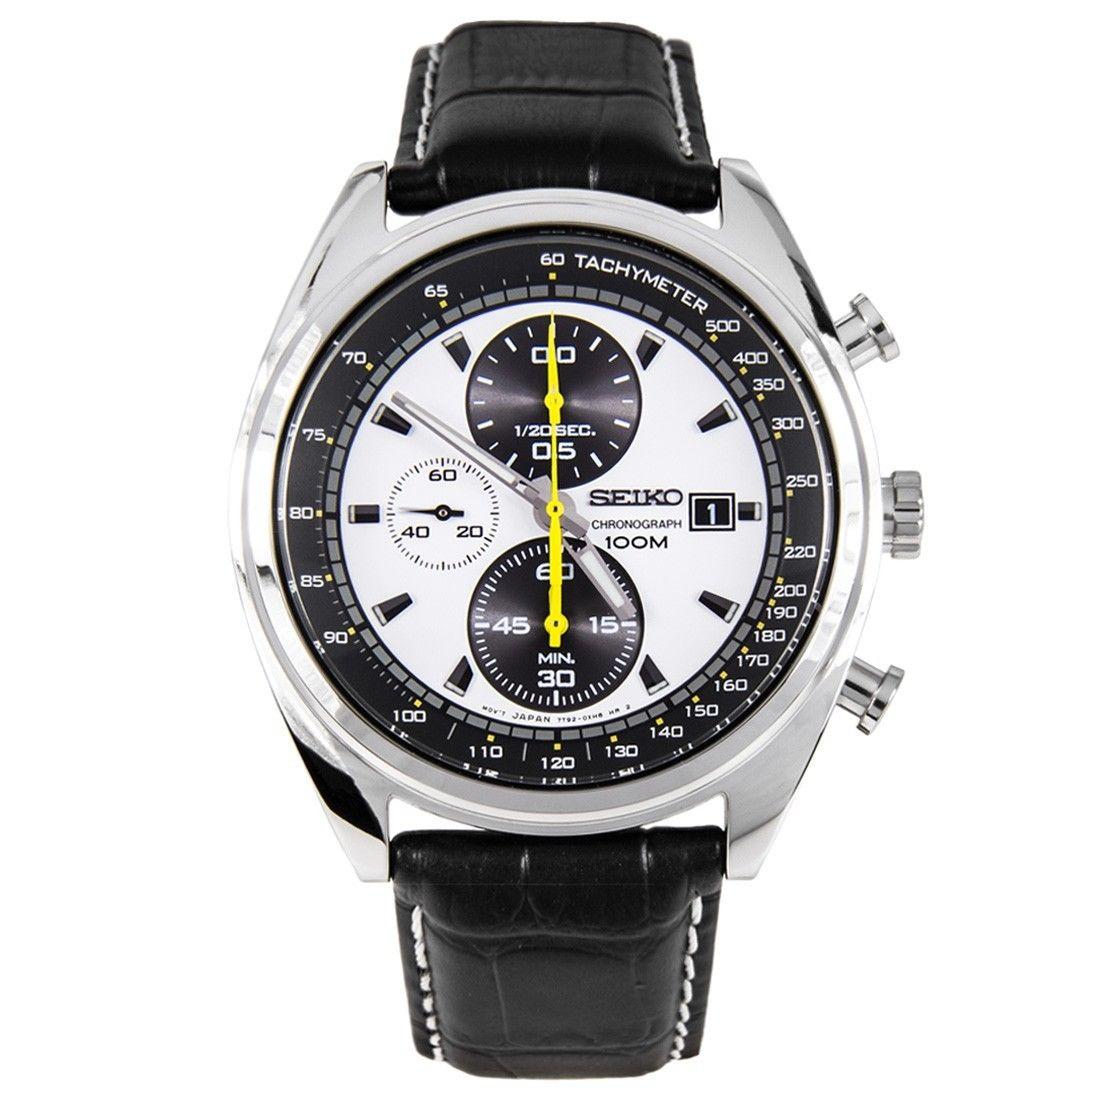 Seiko Men's SNDF93 Chronograph Quartz Two Tone Dial Black Leather Band Watch 69.99FS